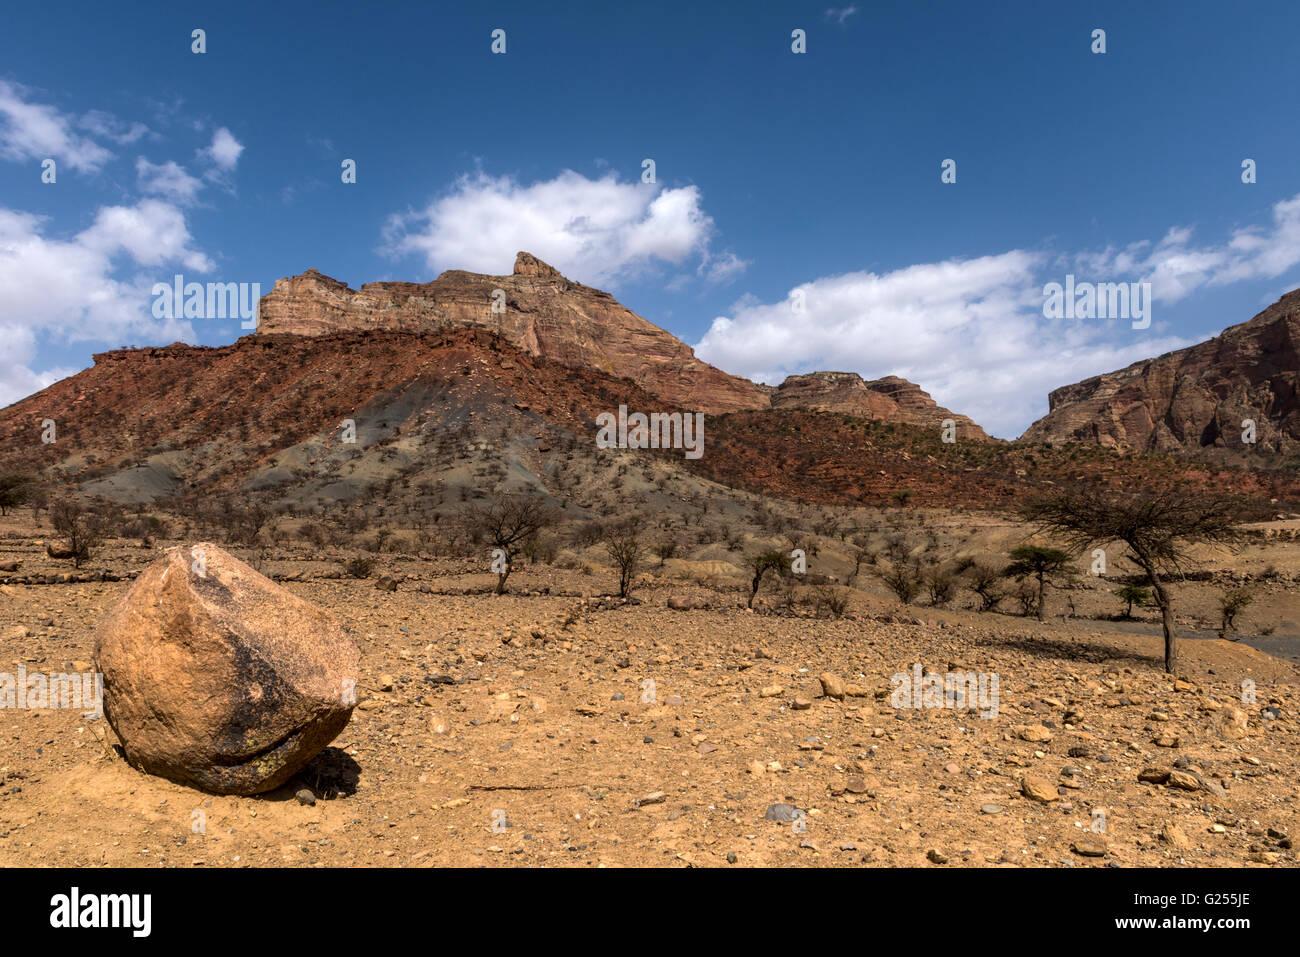 Mountains Gheralta, Ethiopia - Stock Image